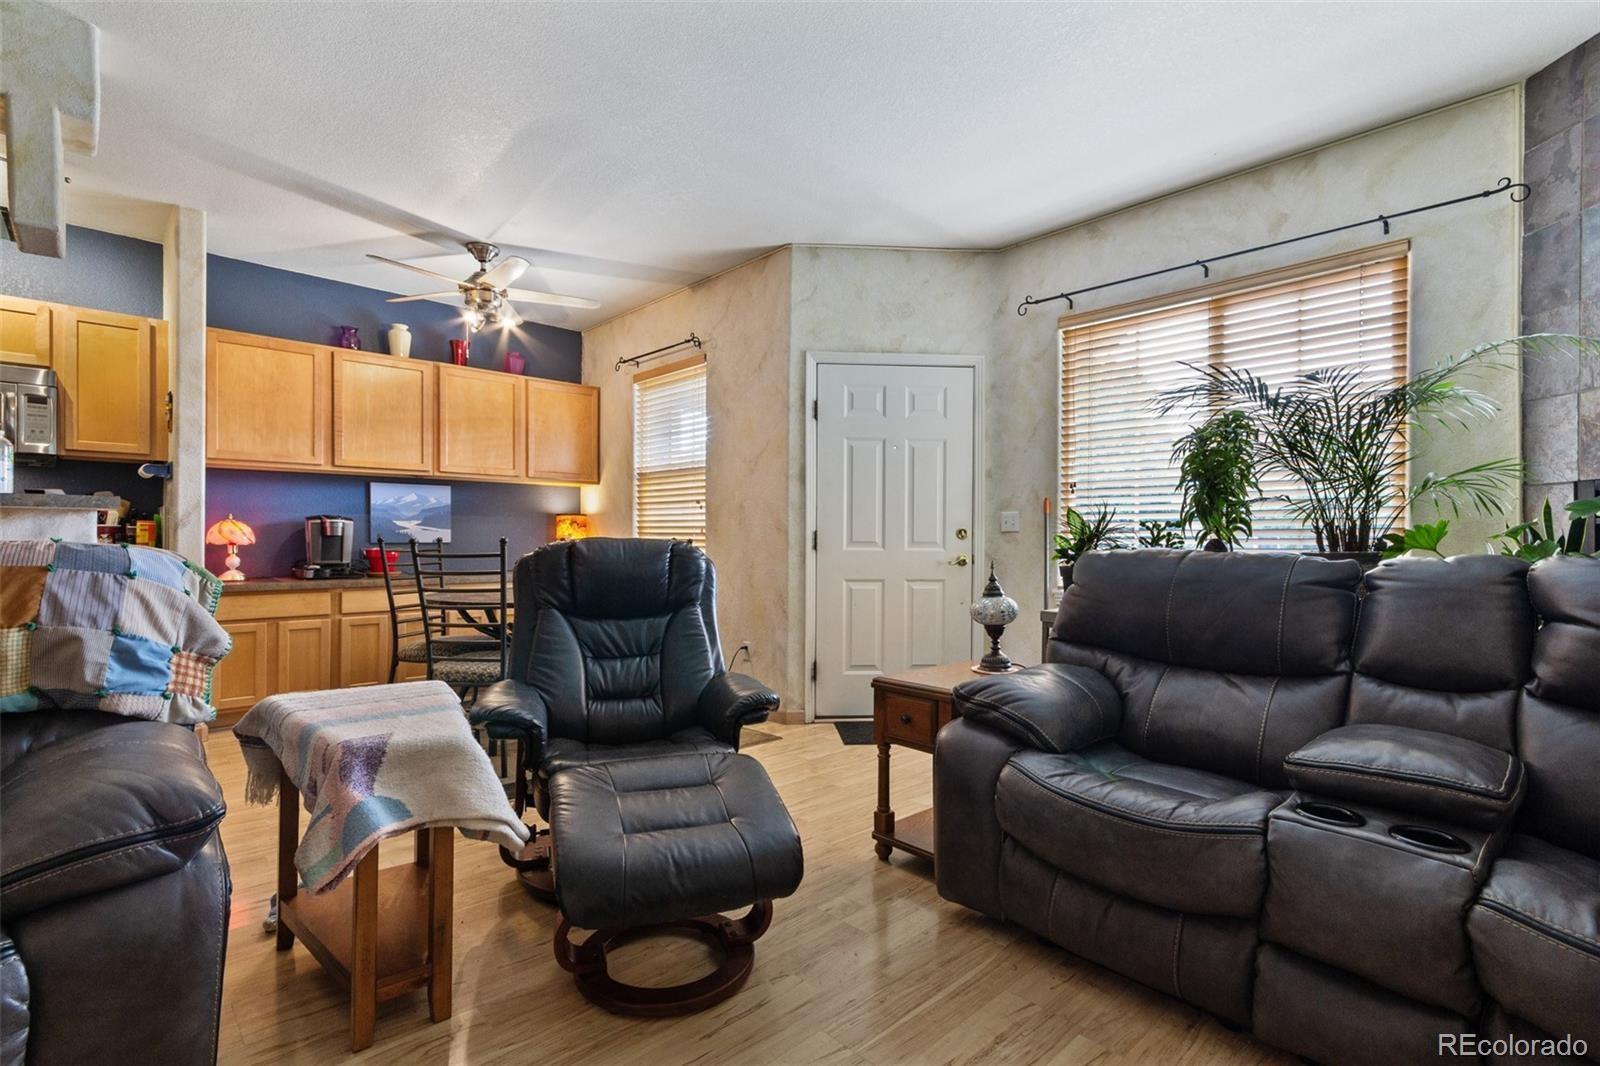 MLS# 7799987 - 18 - 750 S Depew Street, Lakewood, CO 80226